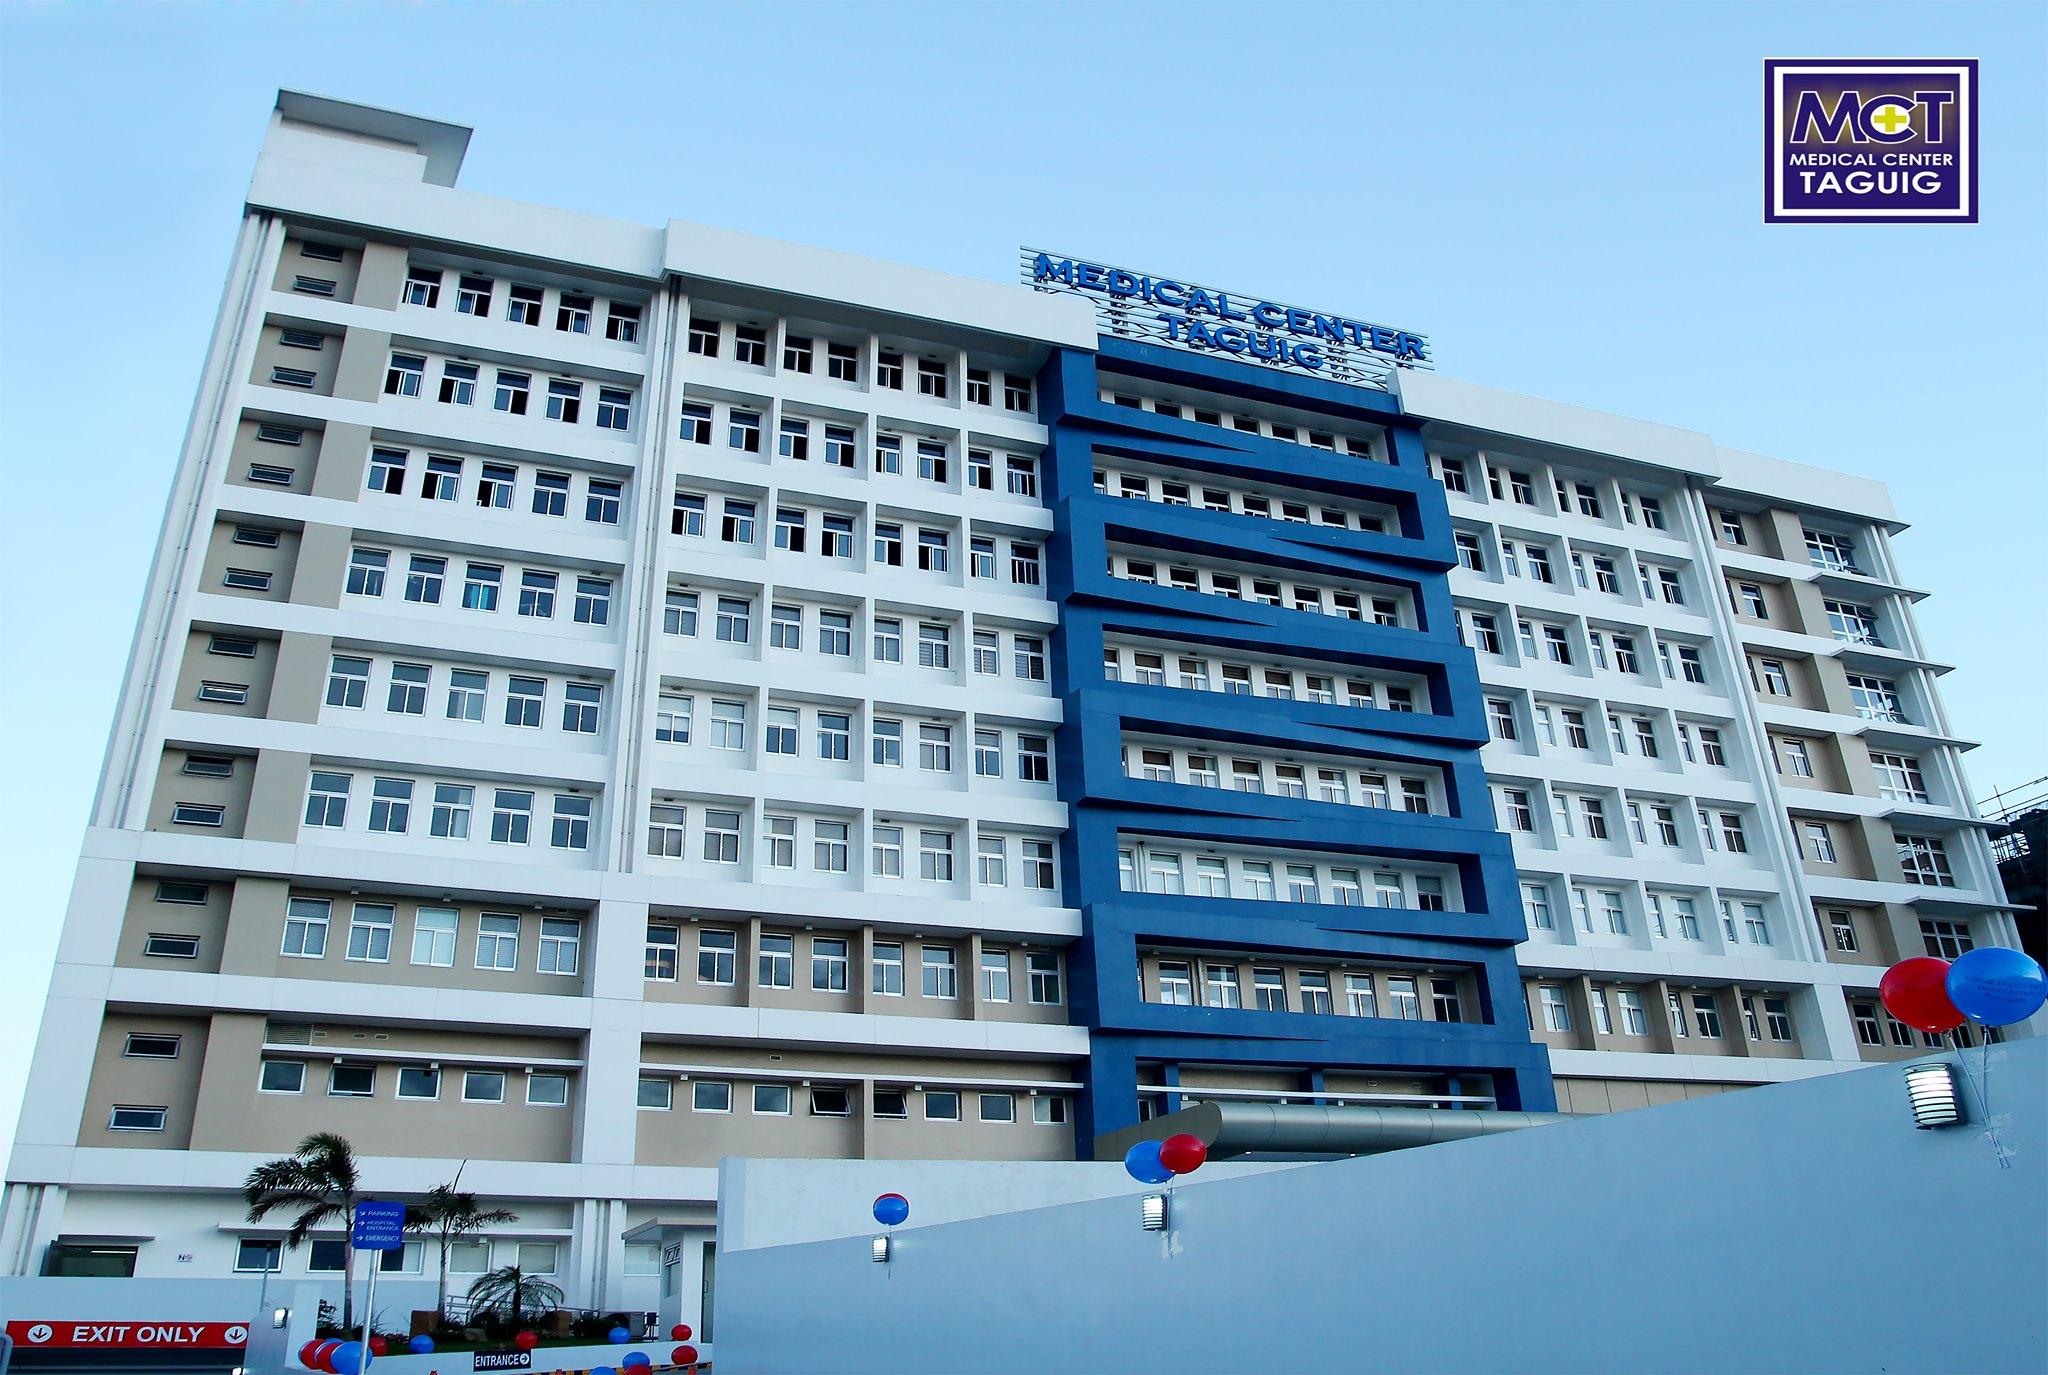 Medical Center Taguig